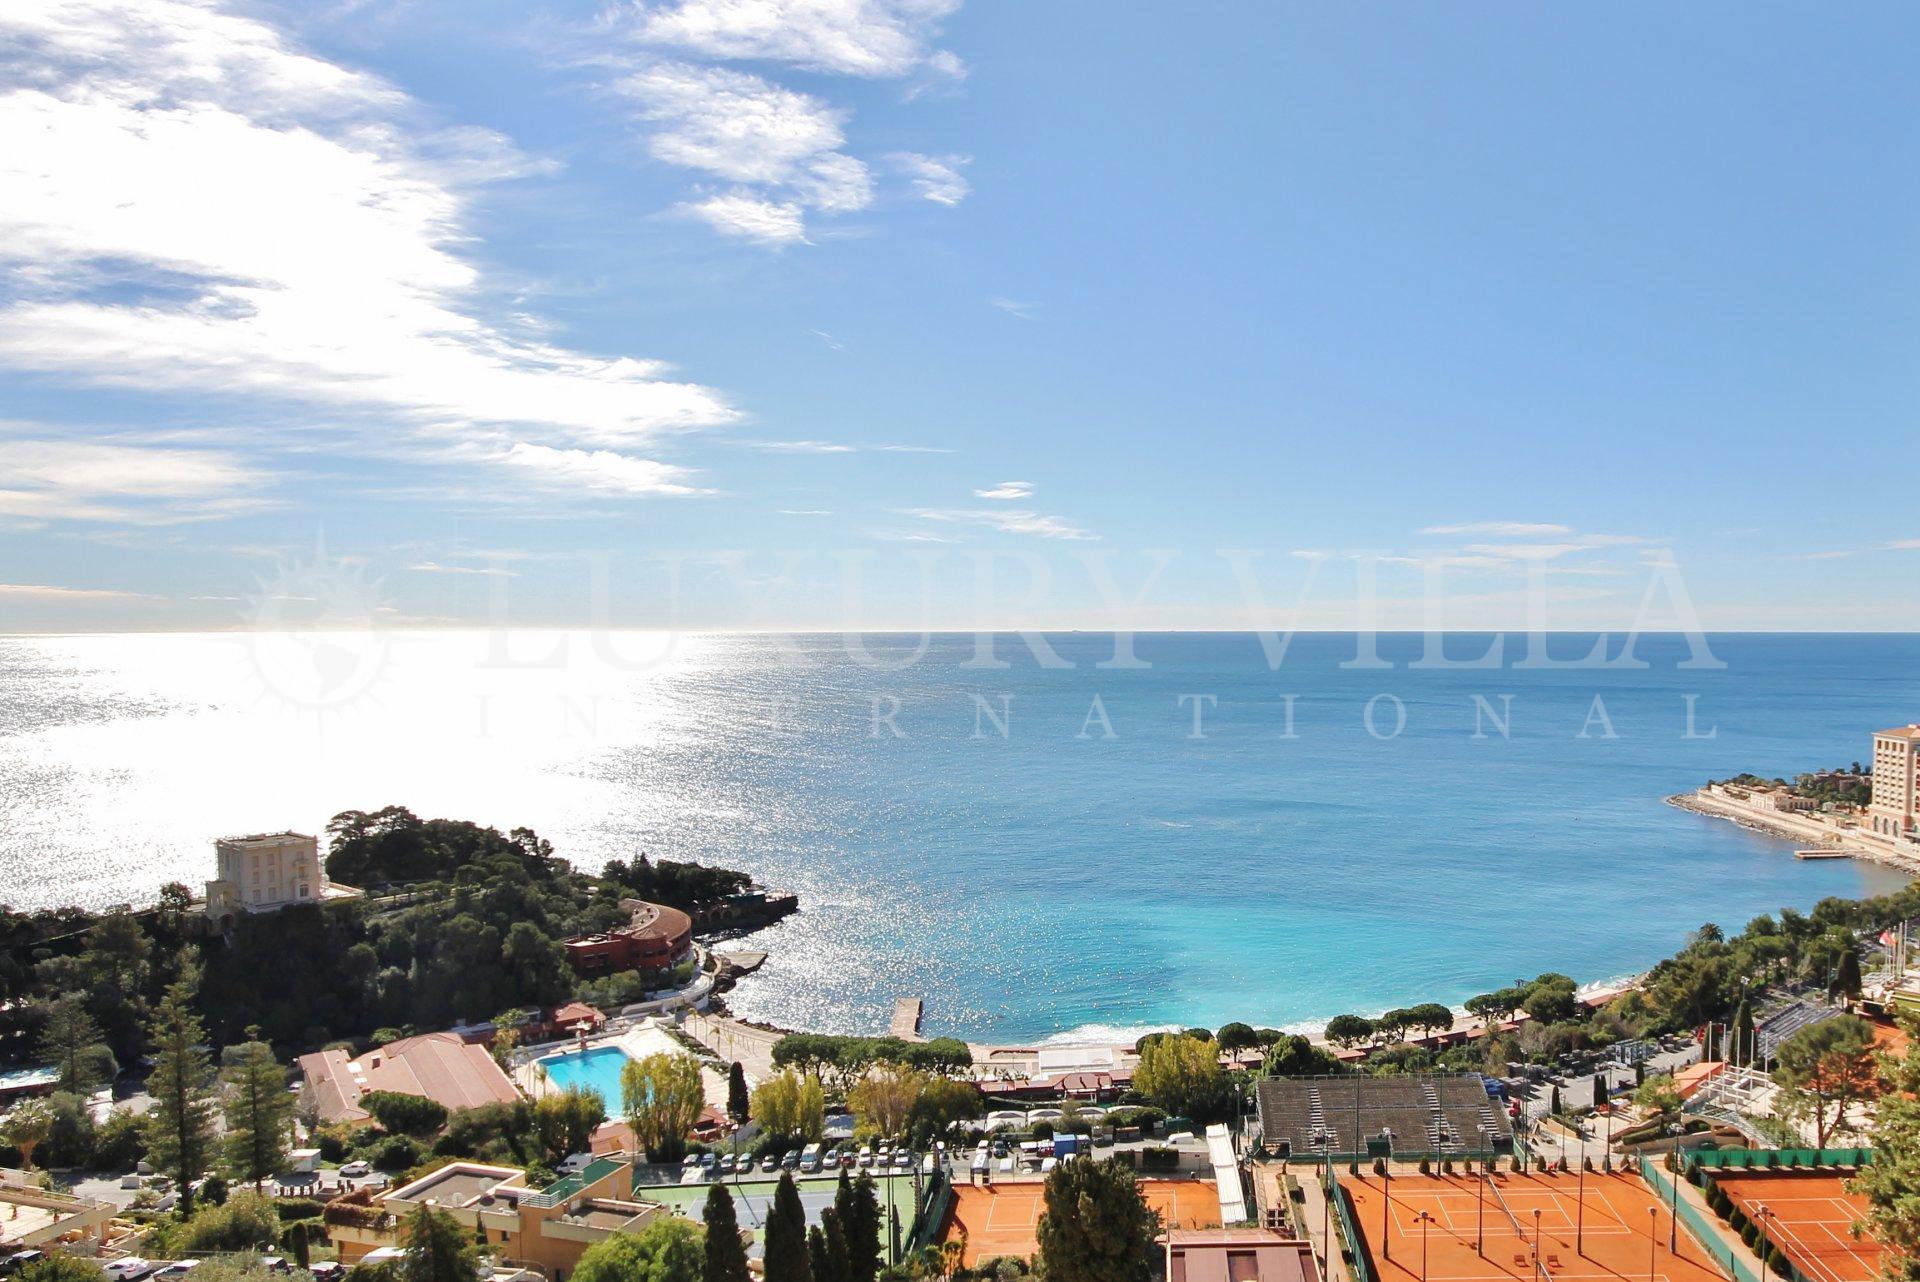 Attico a Roquebrune, Cap Martin